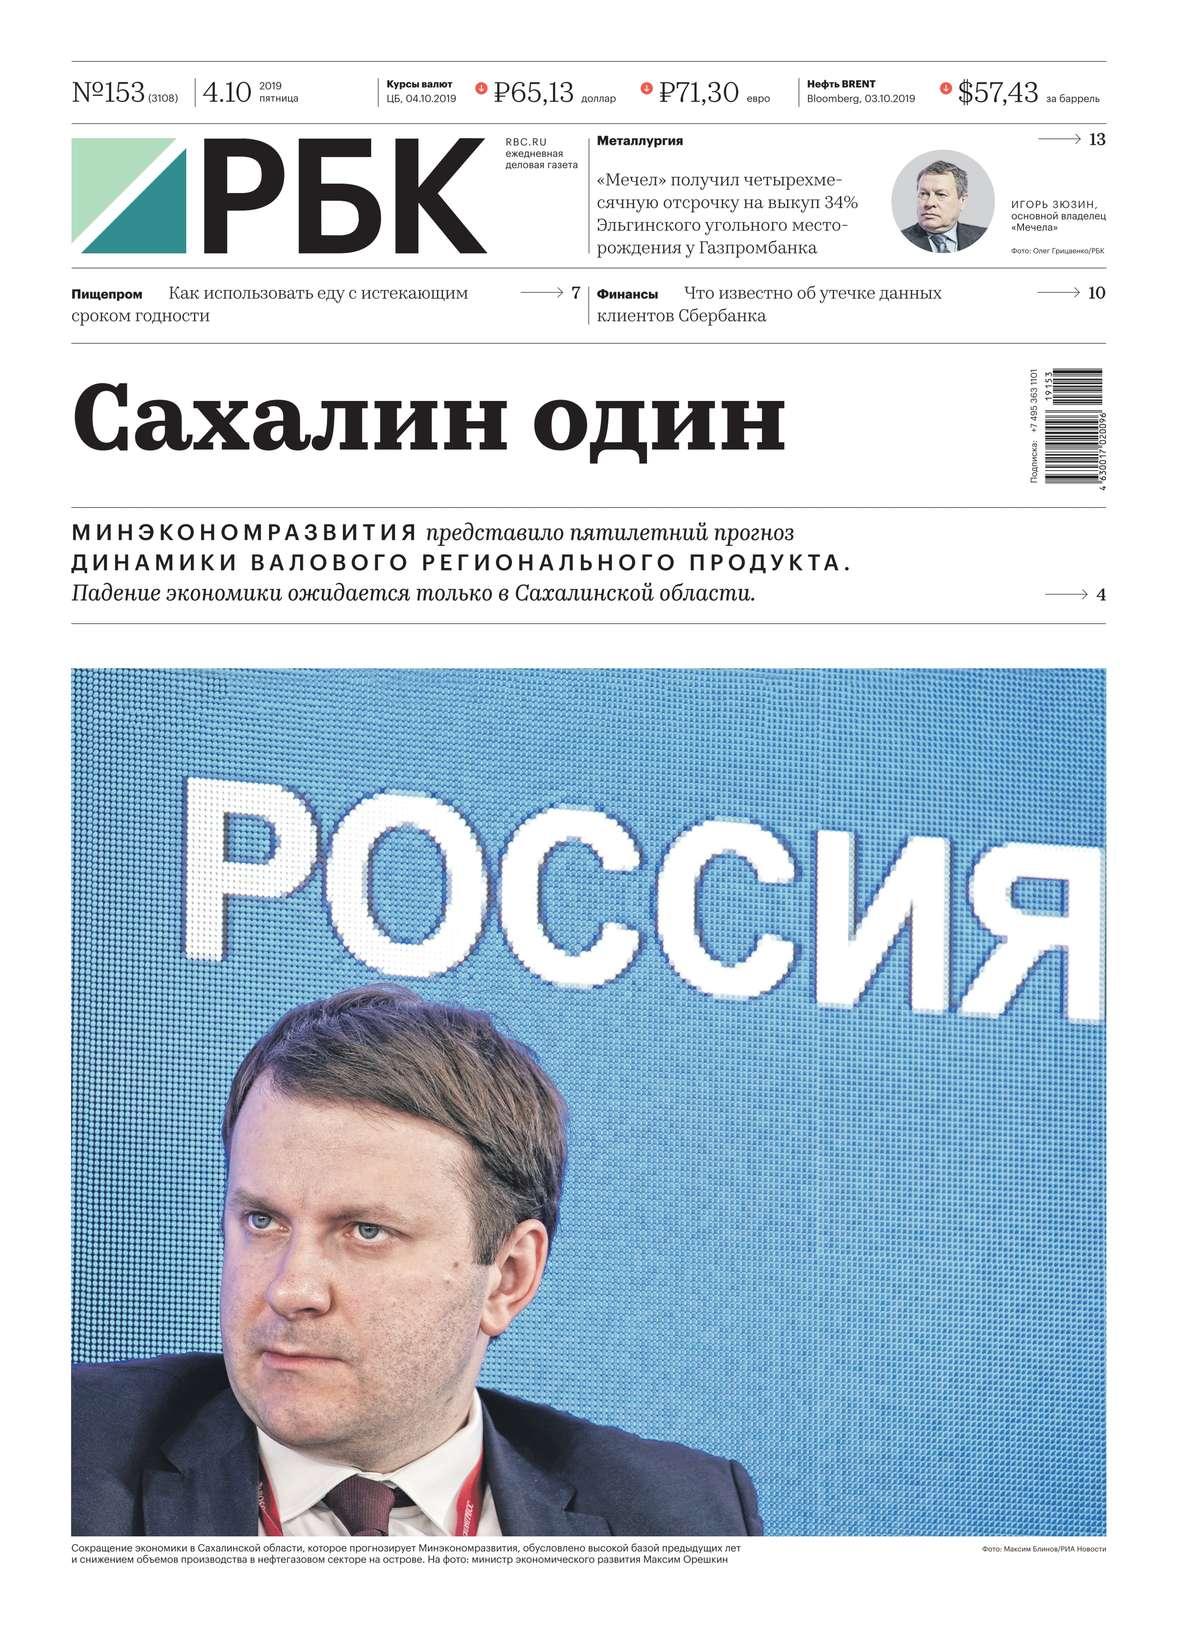 Ежедневная Деловая Газета Рбк 153-2019